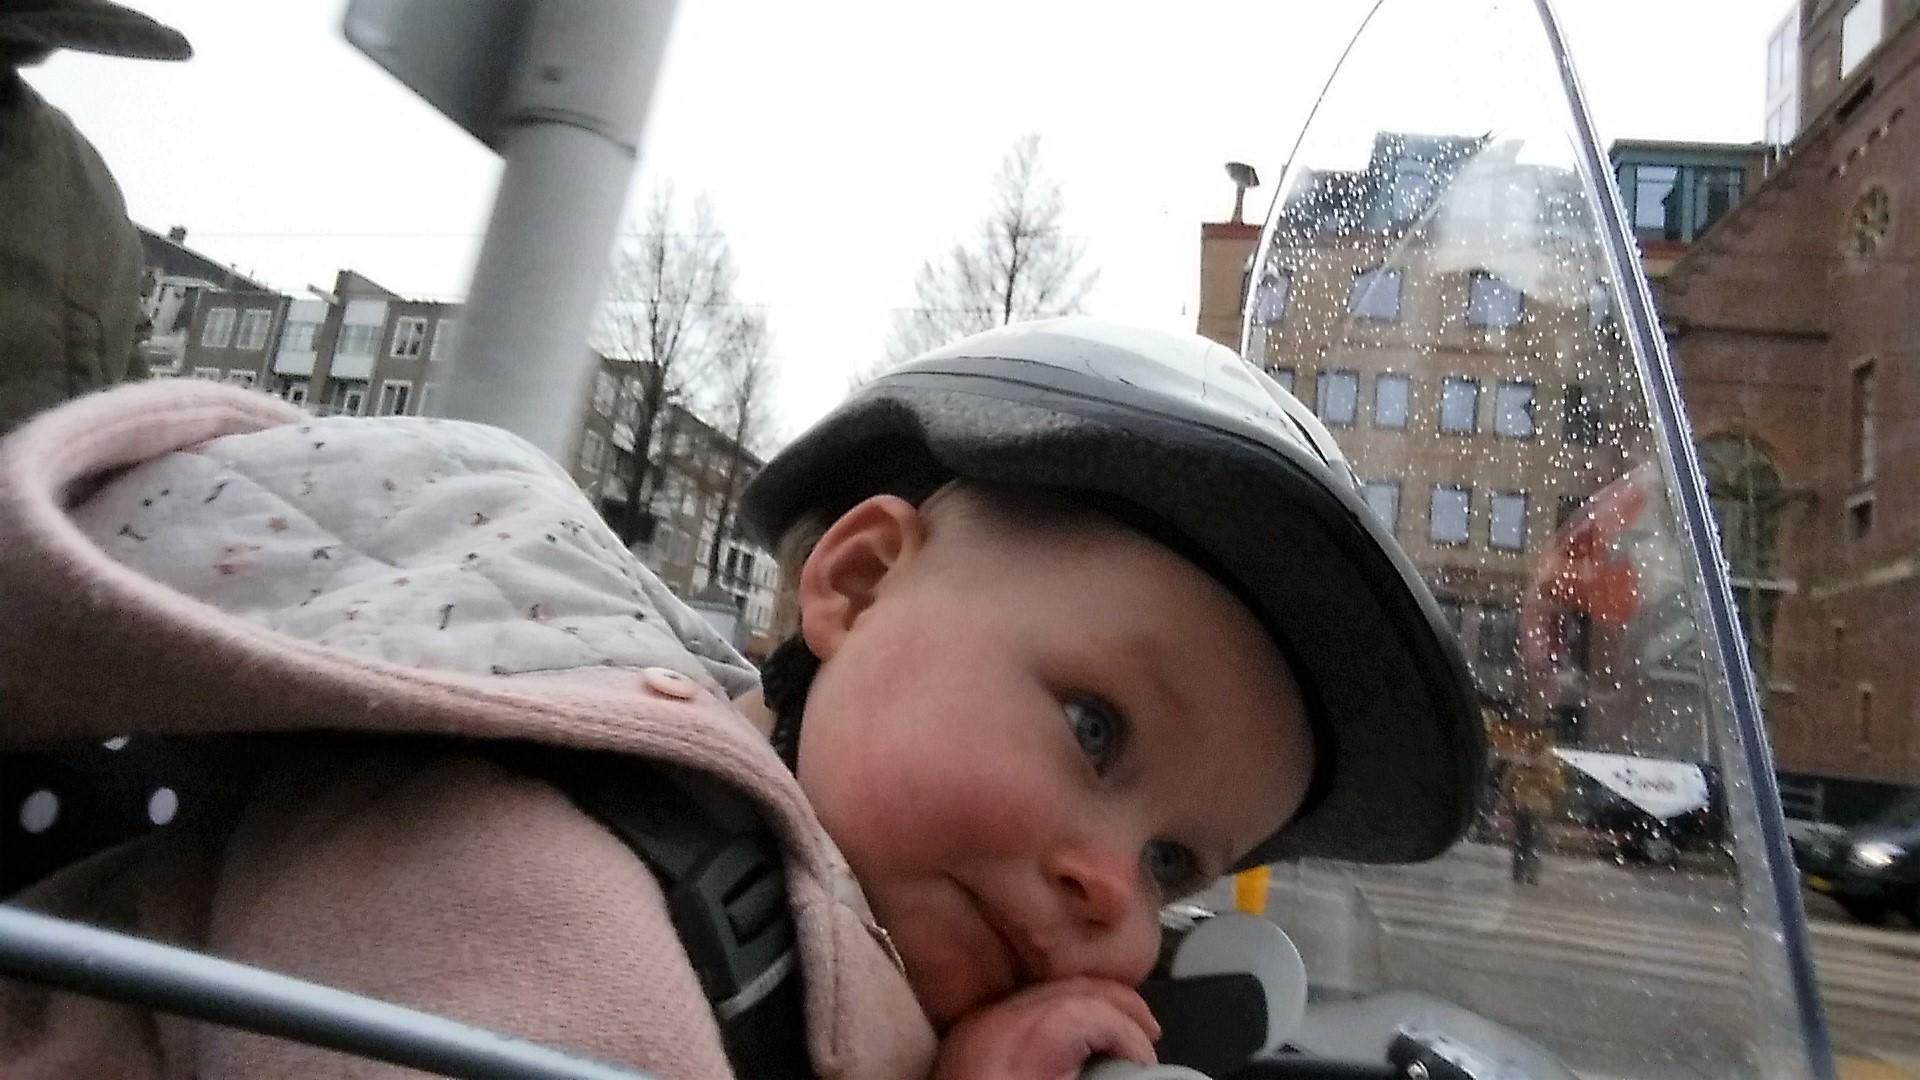 4-16-qibbel-fiets-fietszitje-voor-voorzitje-baby-13-kilo-kilogram-baby-zes-maanden-op-de-fiets-ervaring-review-liggen